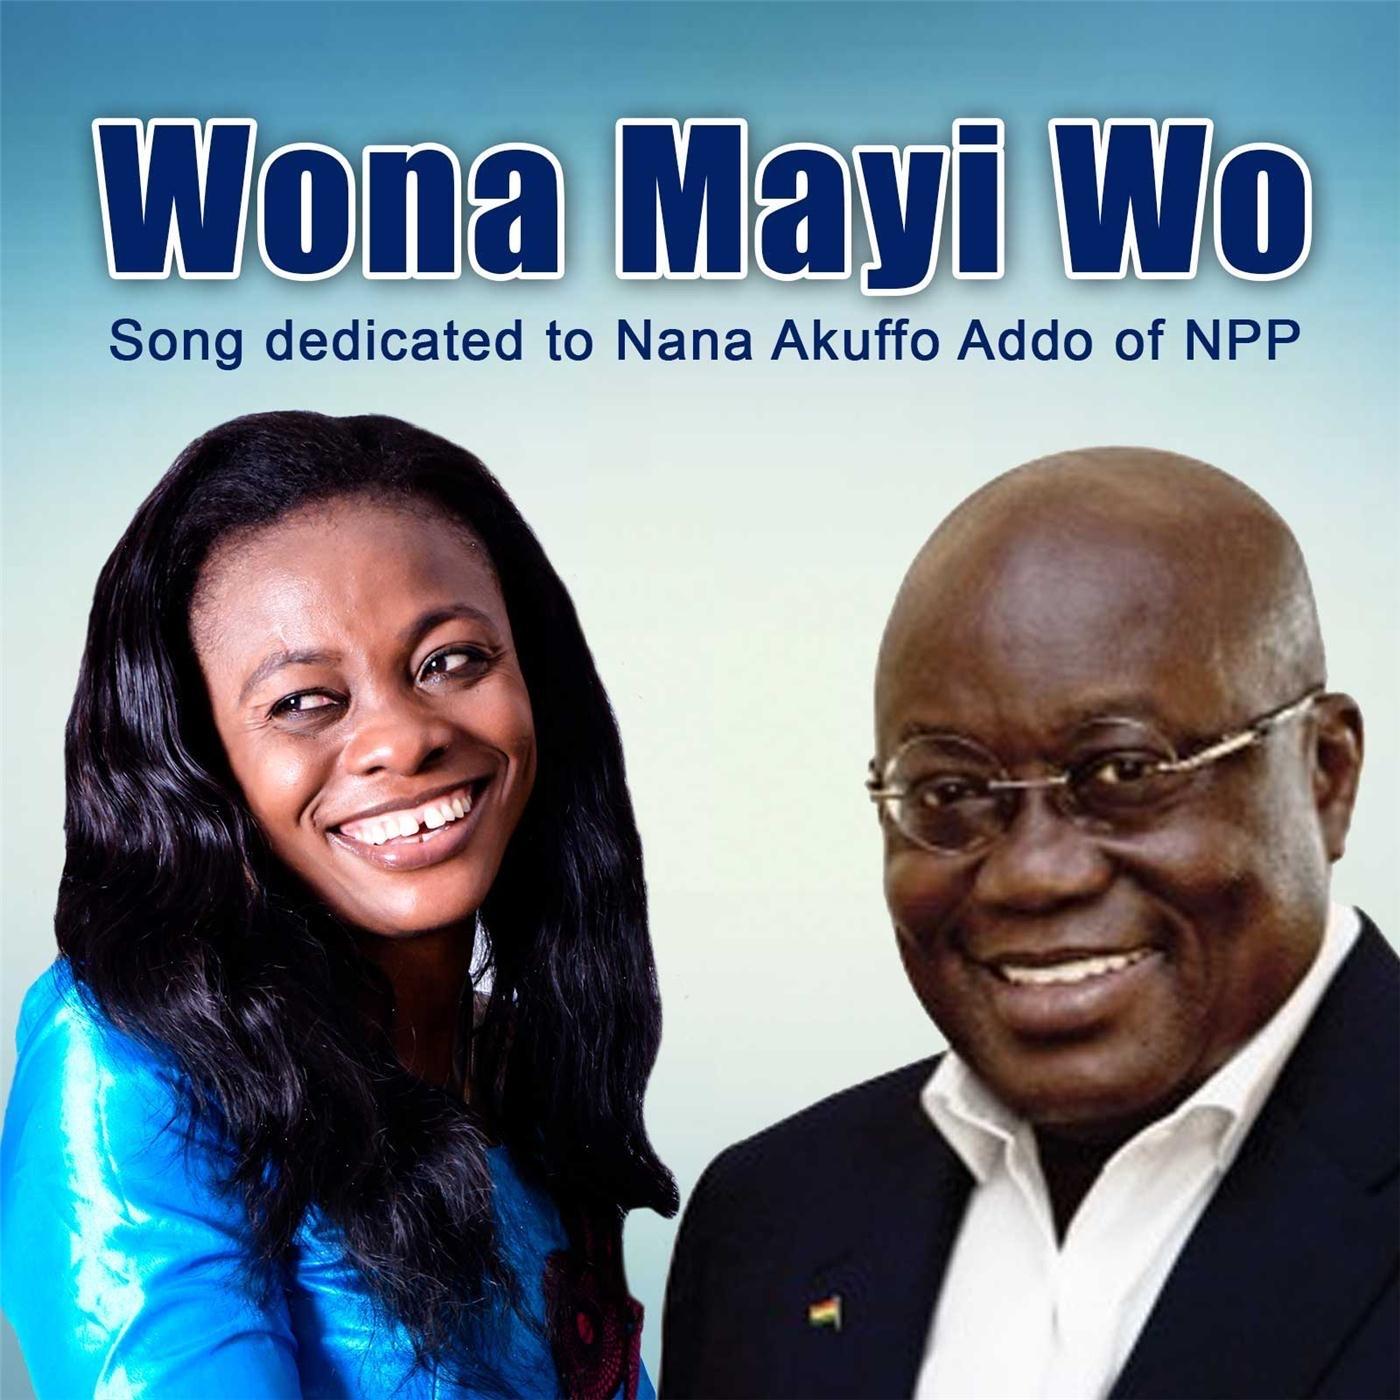 Wona Mayi Wo - Single